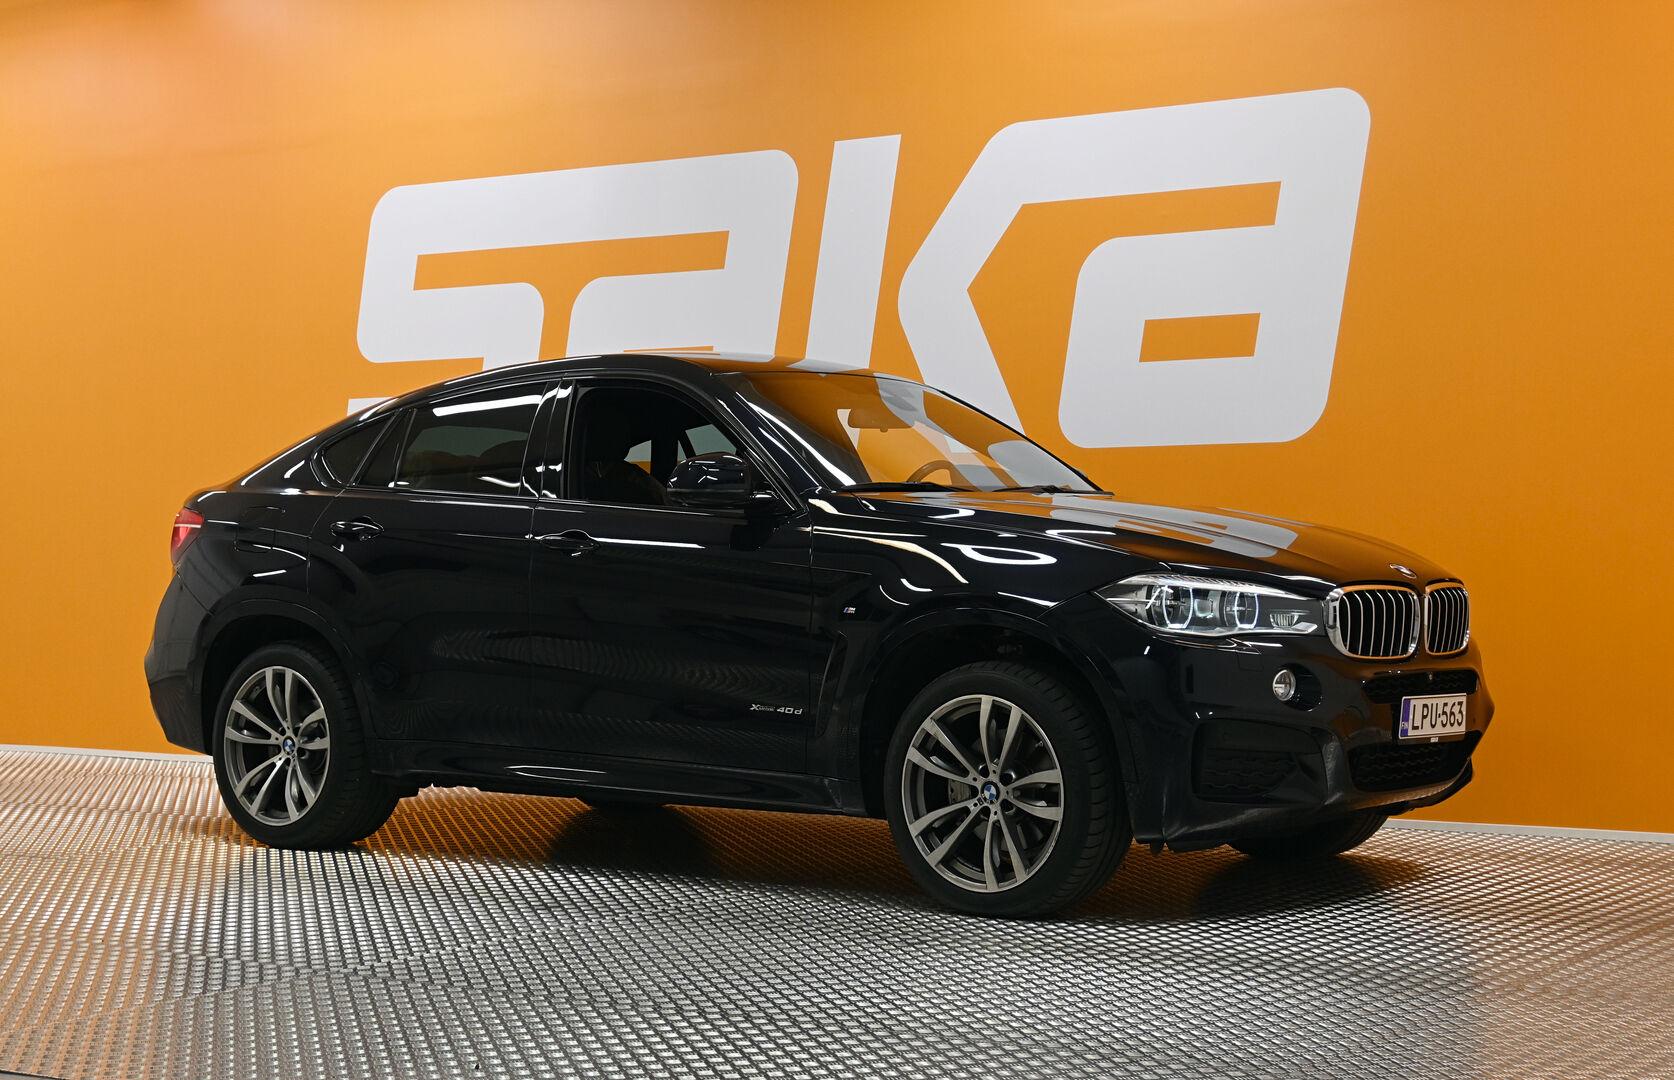 Musta Maastoauto, BMW X6 – OUL-13943, kuva 33